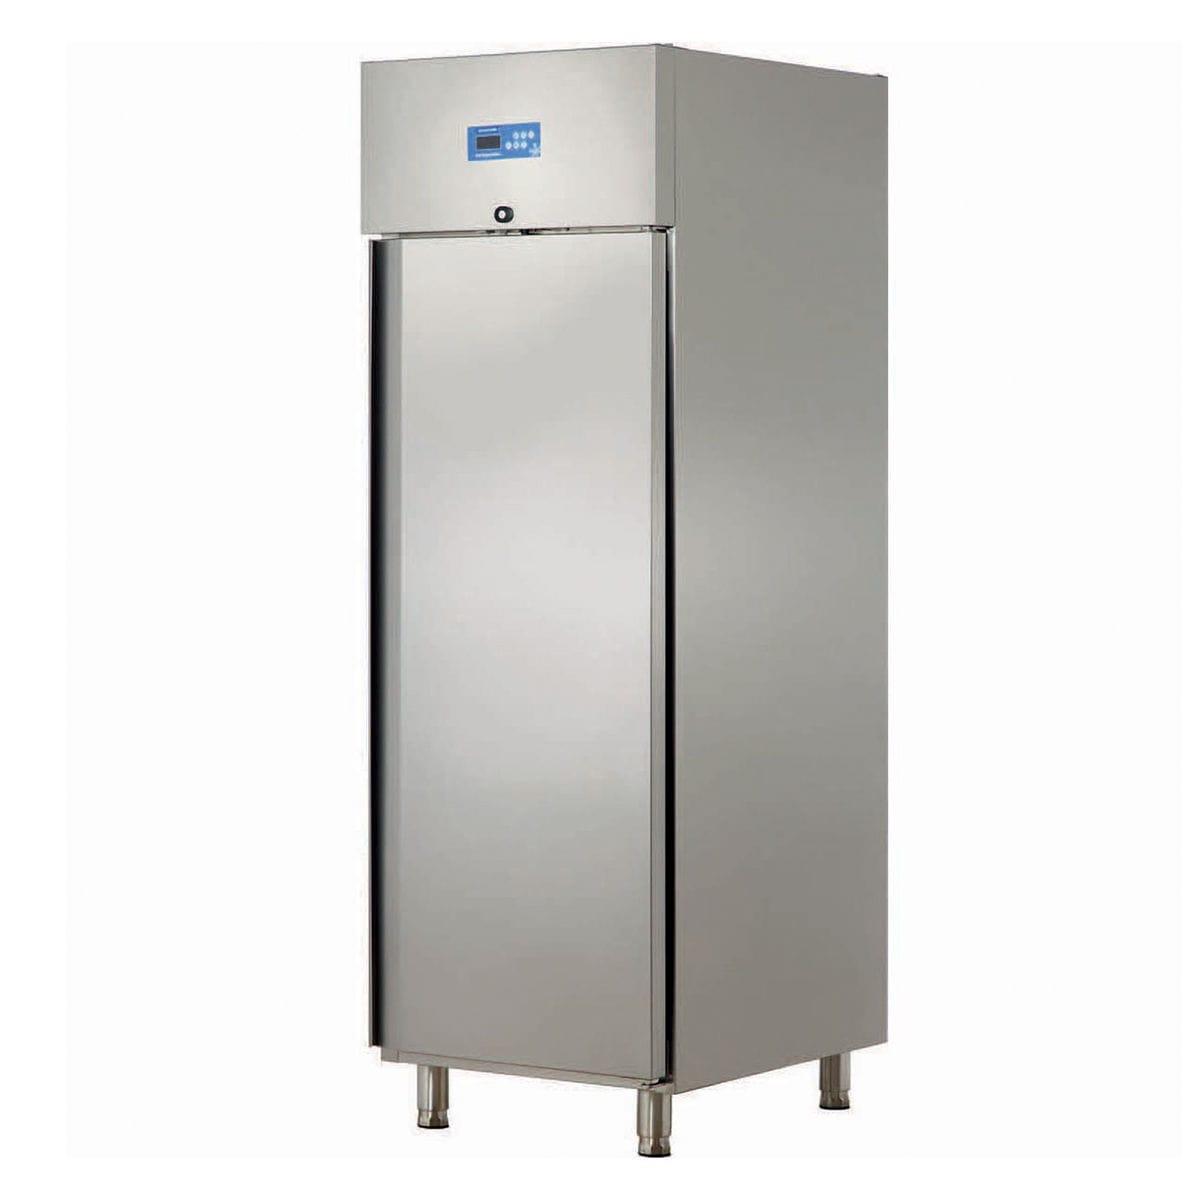 Kühlschrank zur gewerblichen Nutzung / Schrank / Edelstahl - 7919.06 ...